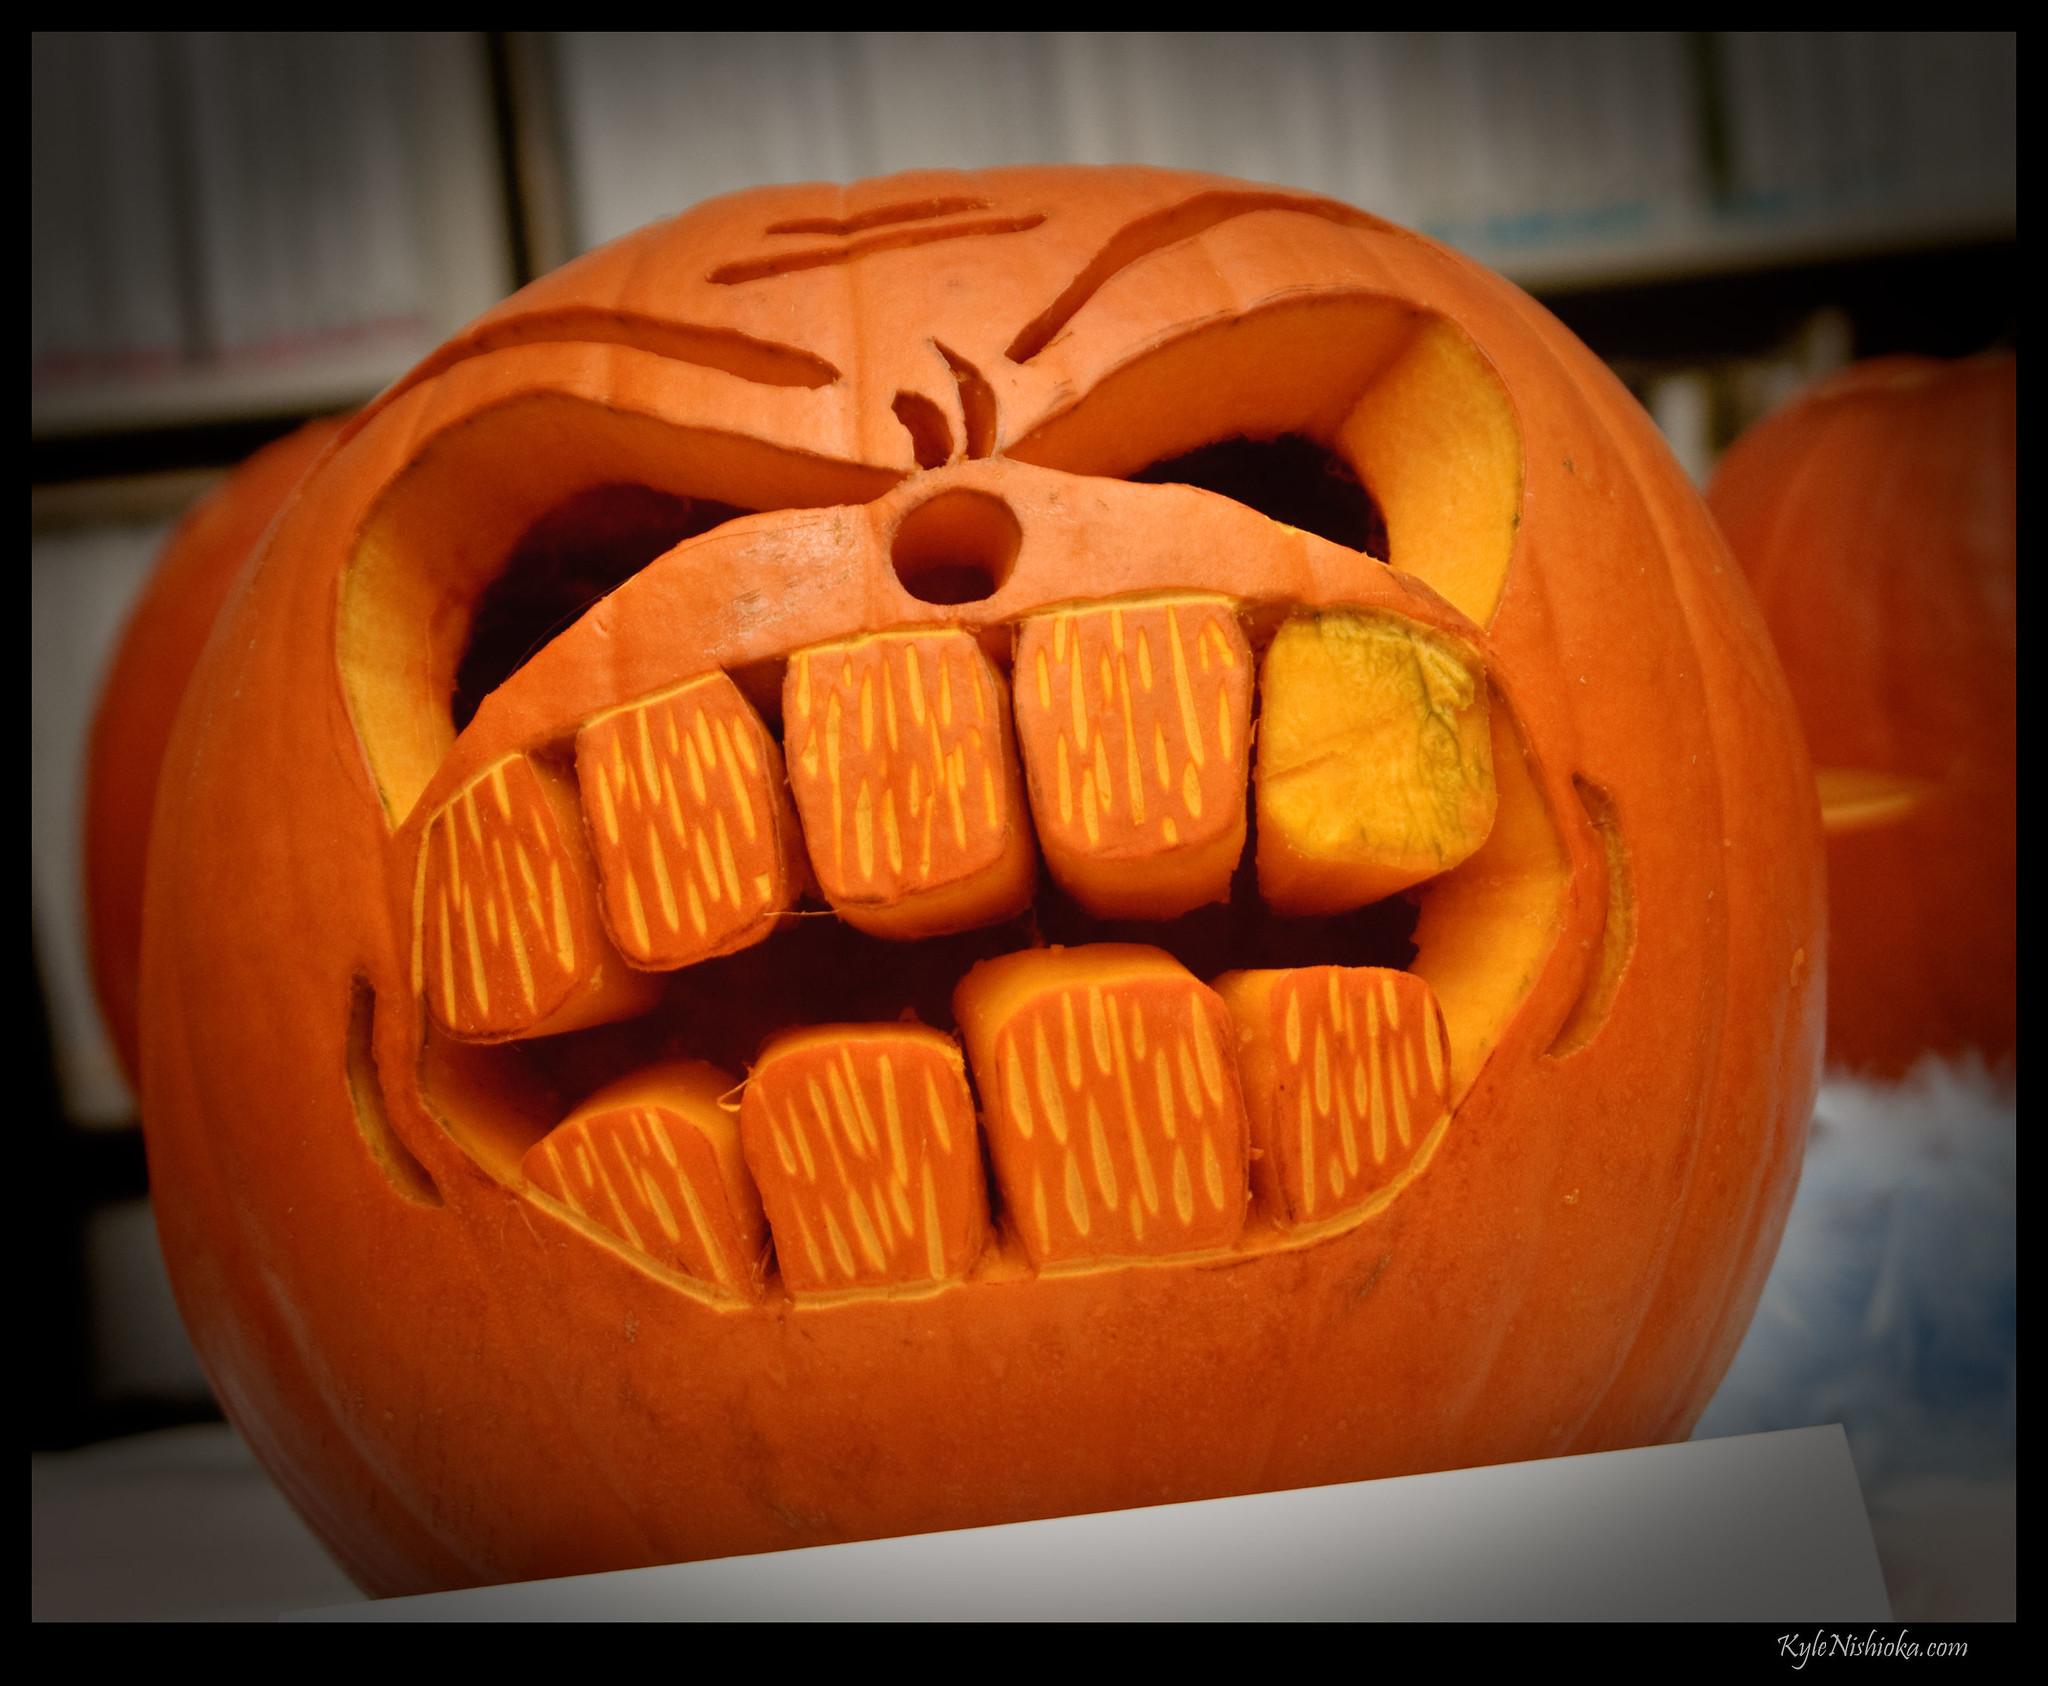 Pumpkin Carving - Jack-O-Lantern